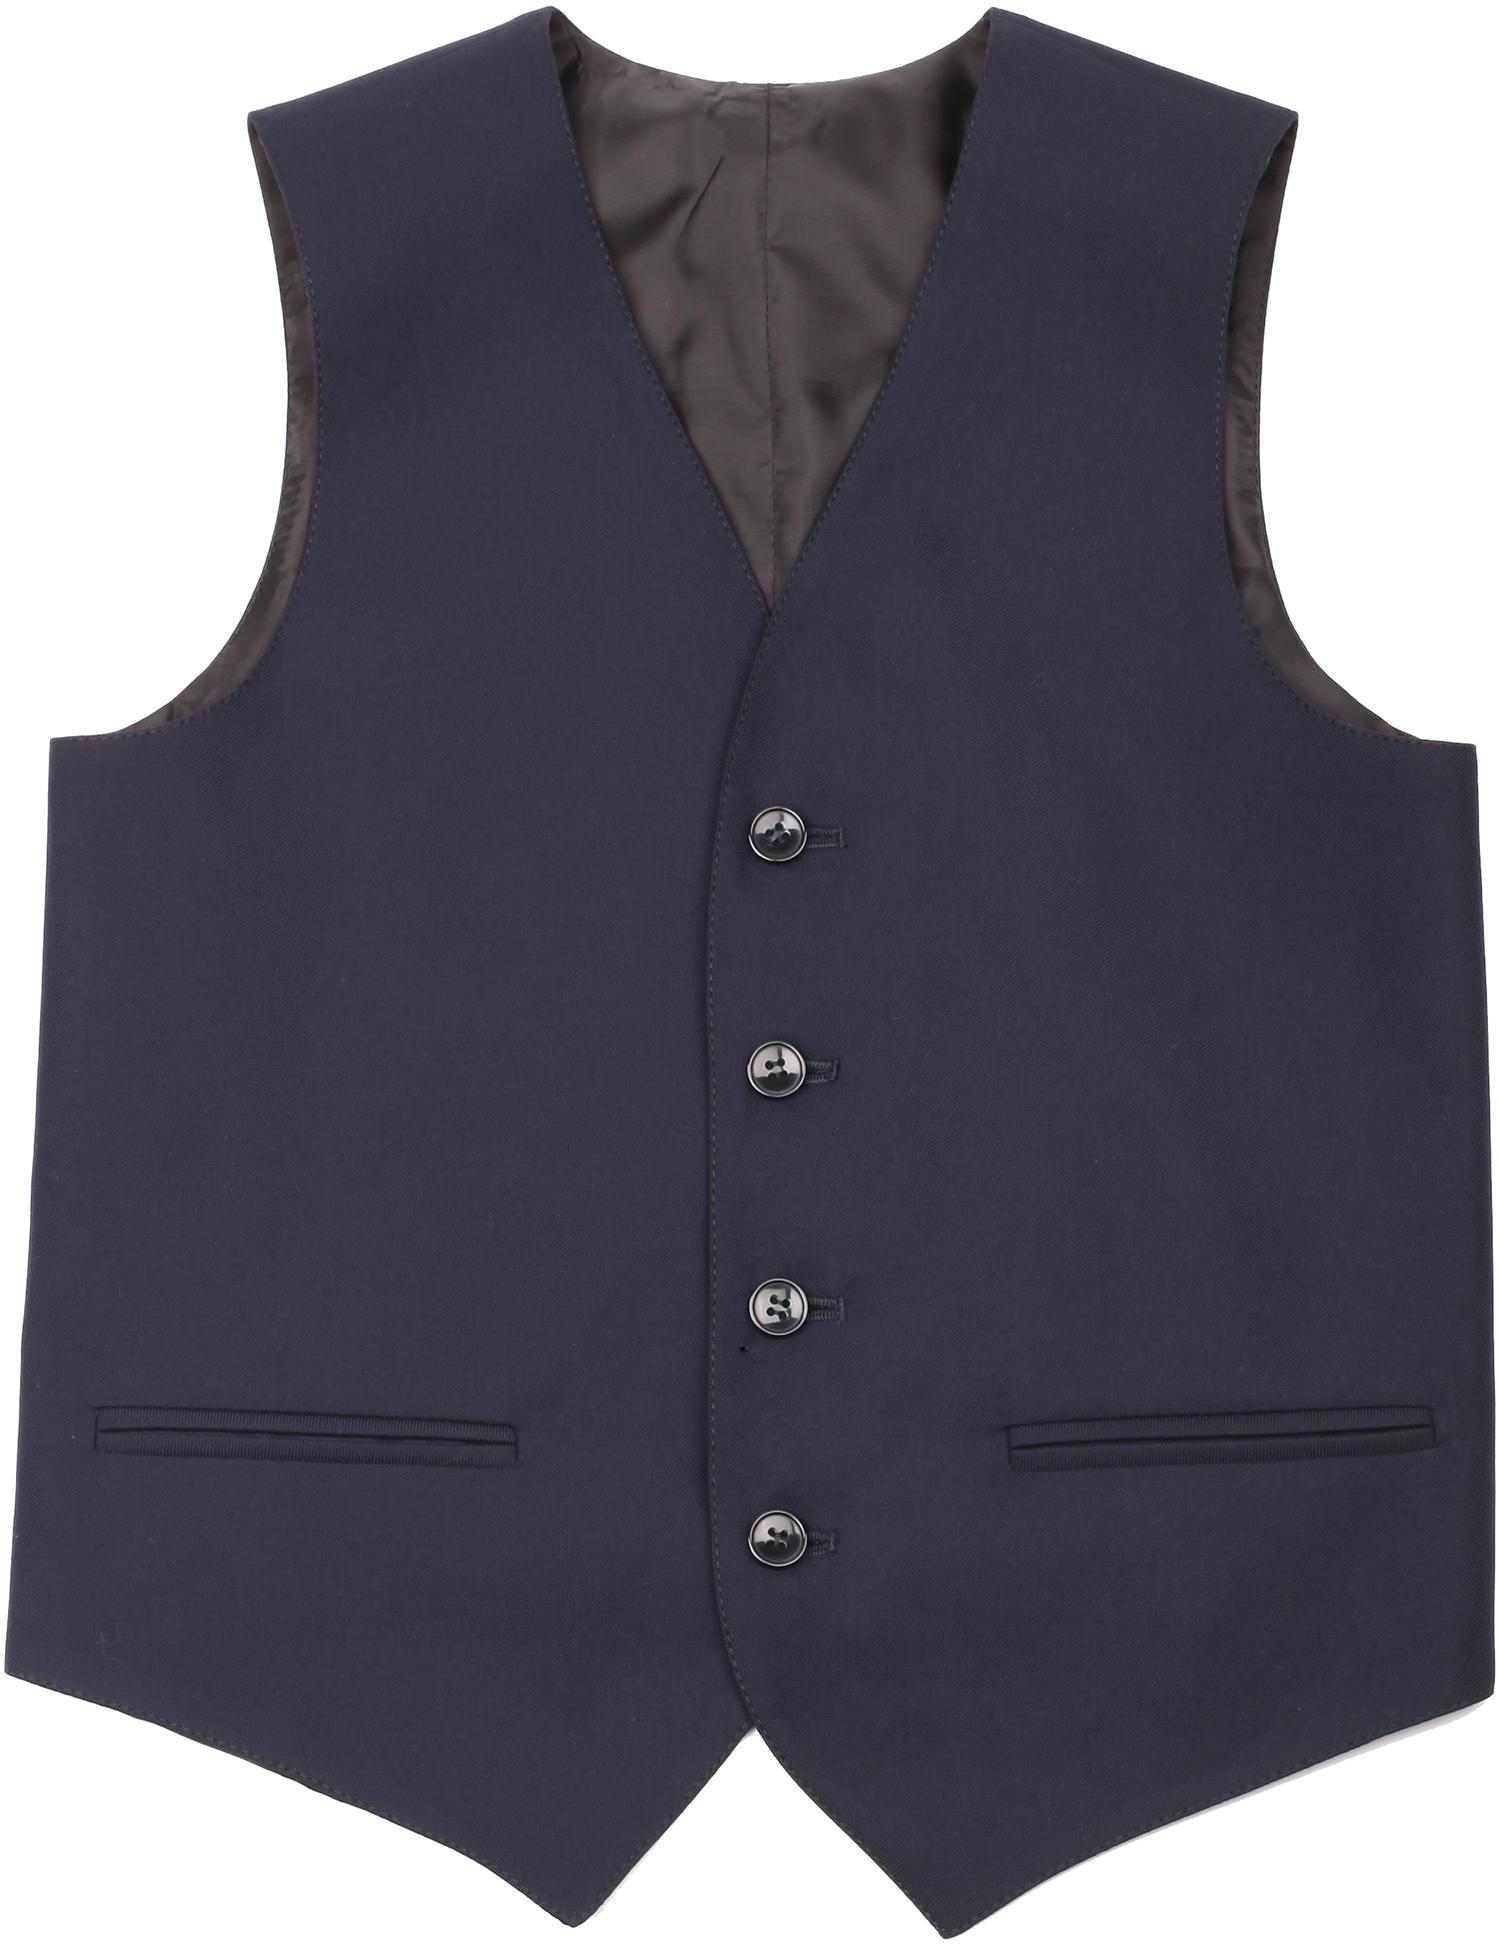 Форма для мальчиков VALMER Жилет для мальчика Valmer, синий модный жилет для мужчин no fear